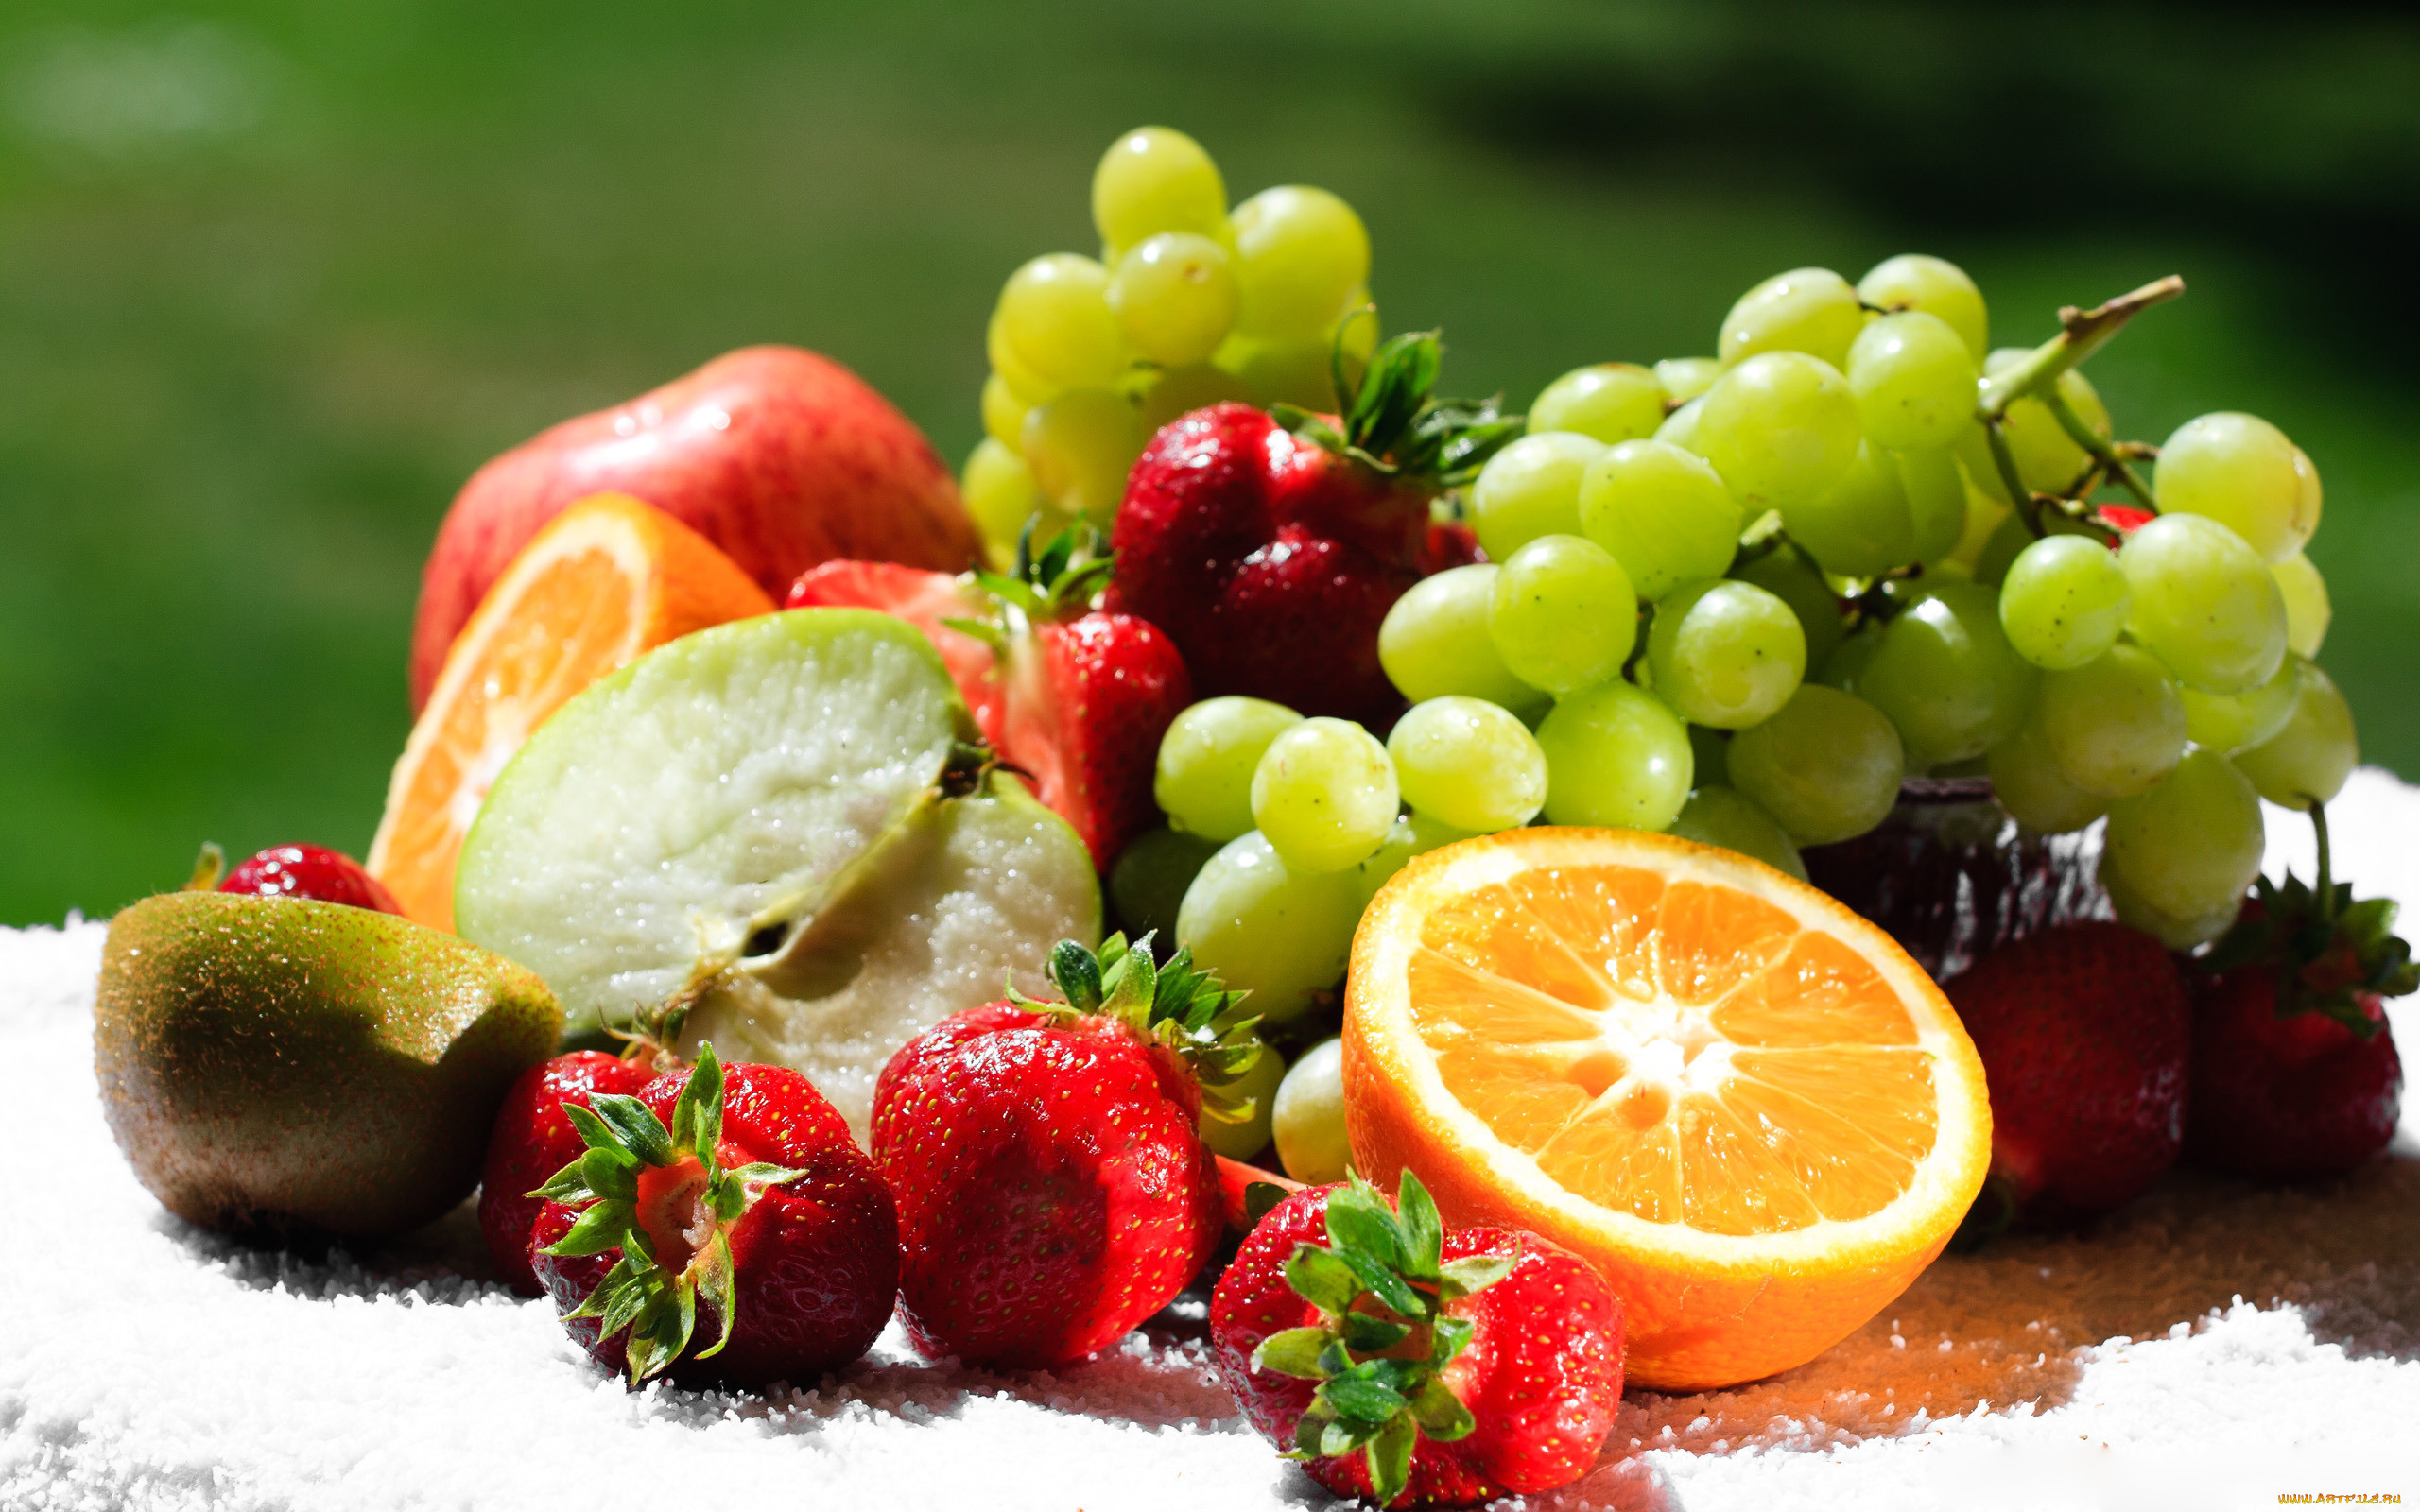 также фото ягод и фруктов в хорошем качестве начали